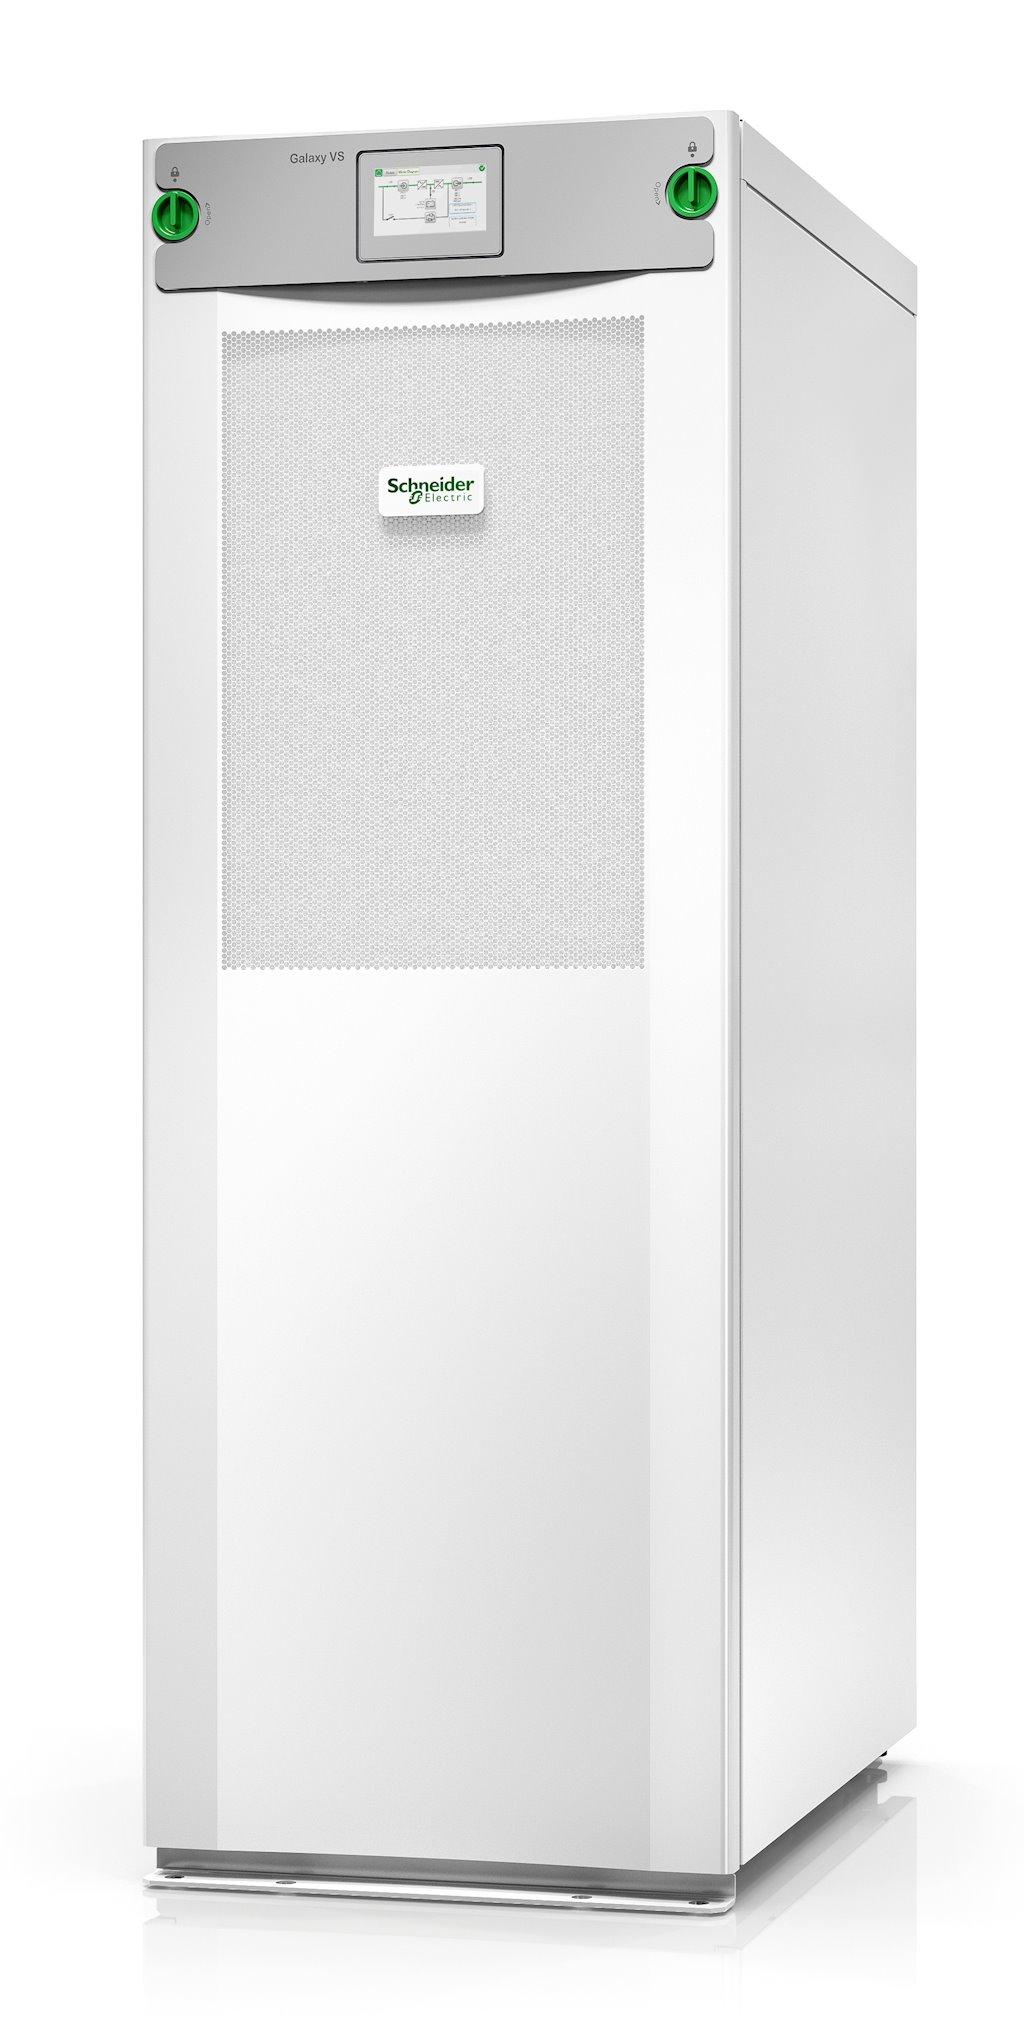 Schneider Electric ra mắt bộ lưu điện Galaxy UPS dành cho khách hàng điện toán biên và đám mây